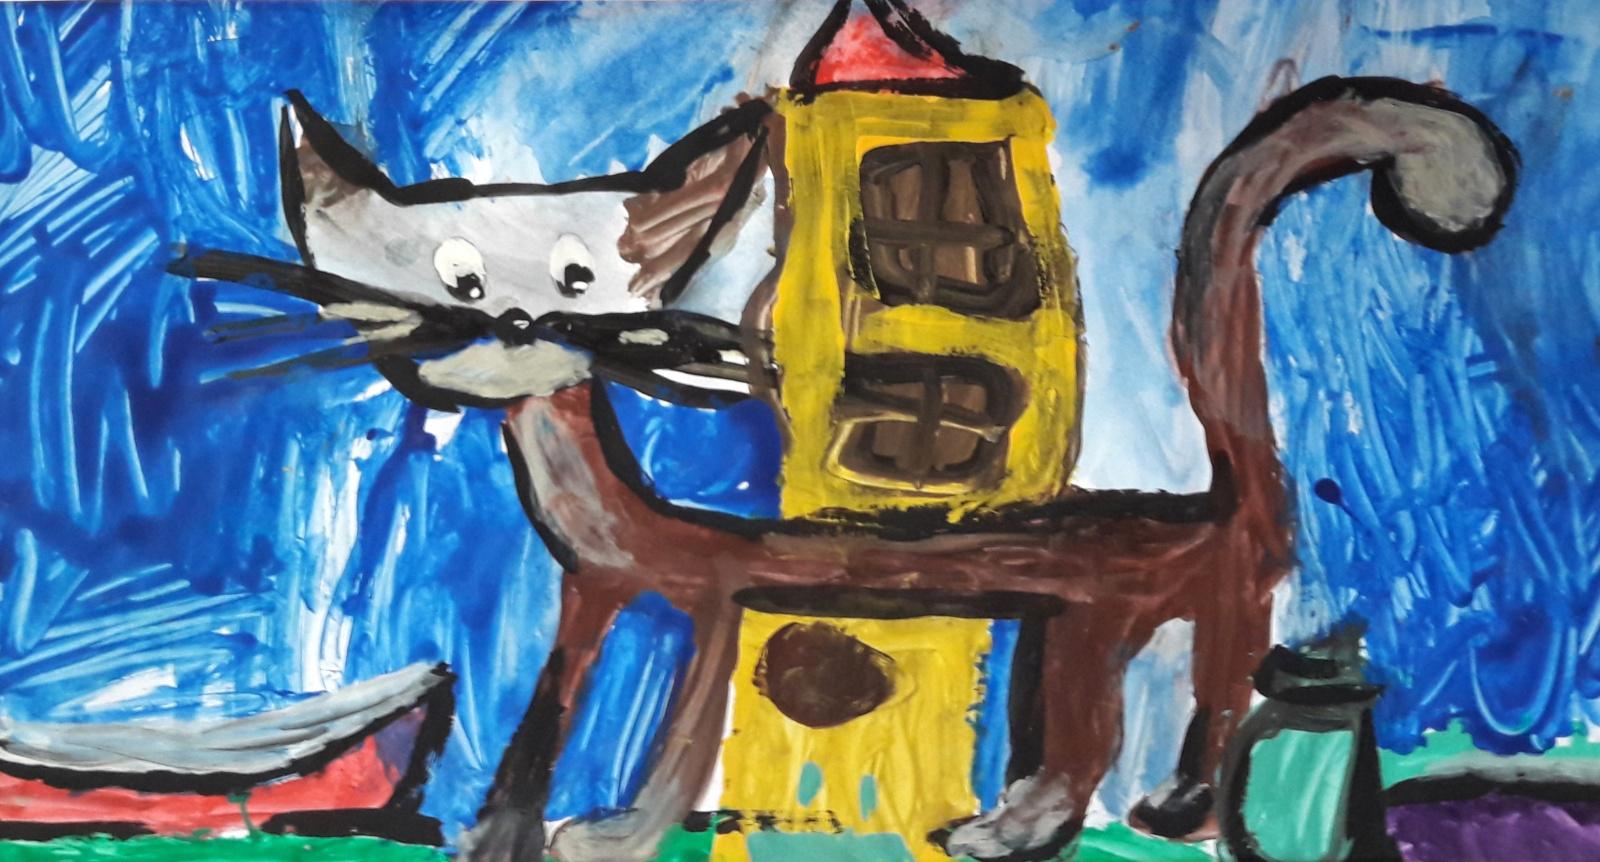 Kot malowany dziecięcą ręką